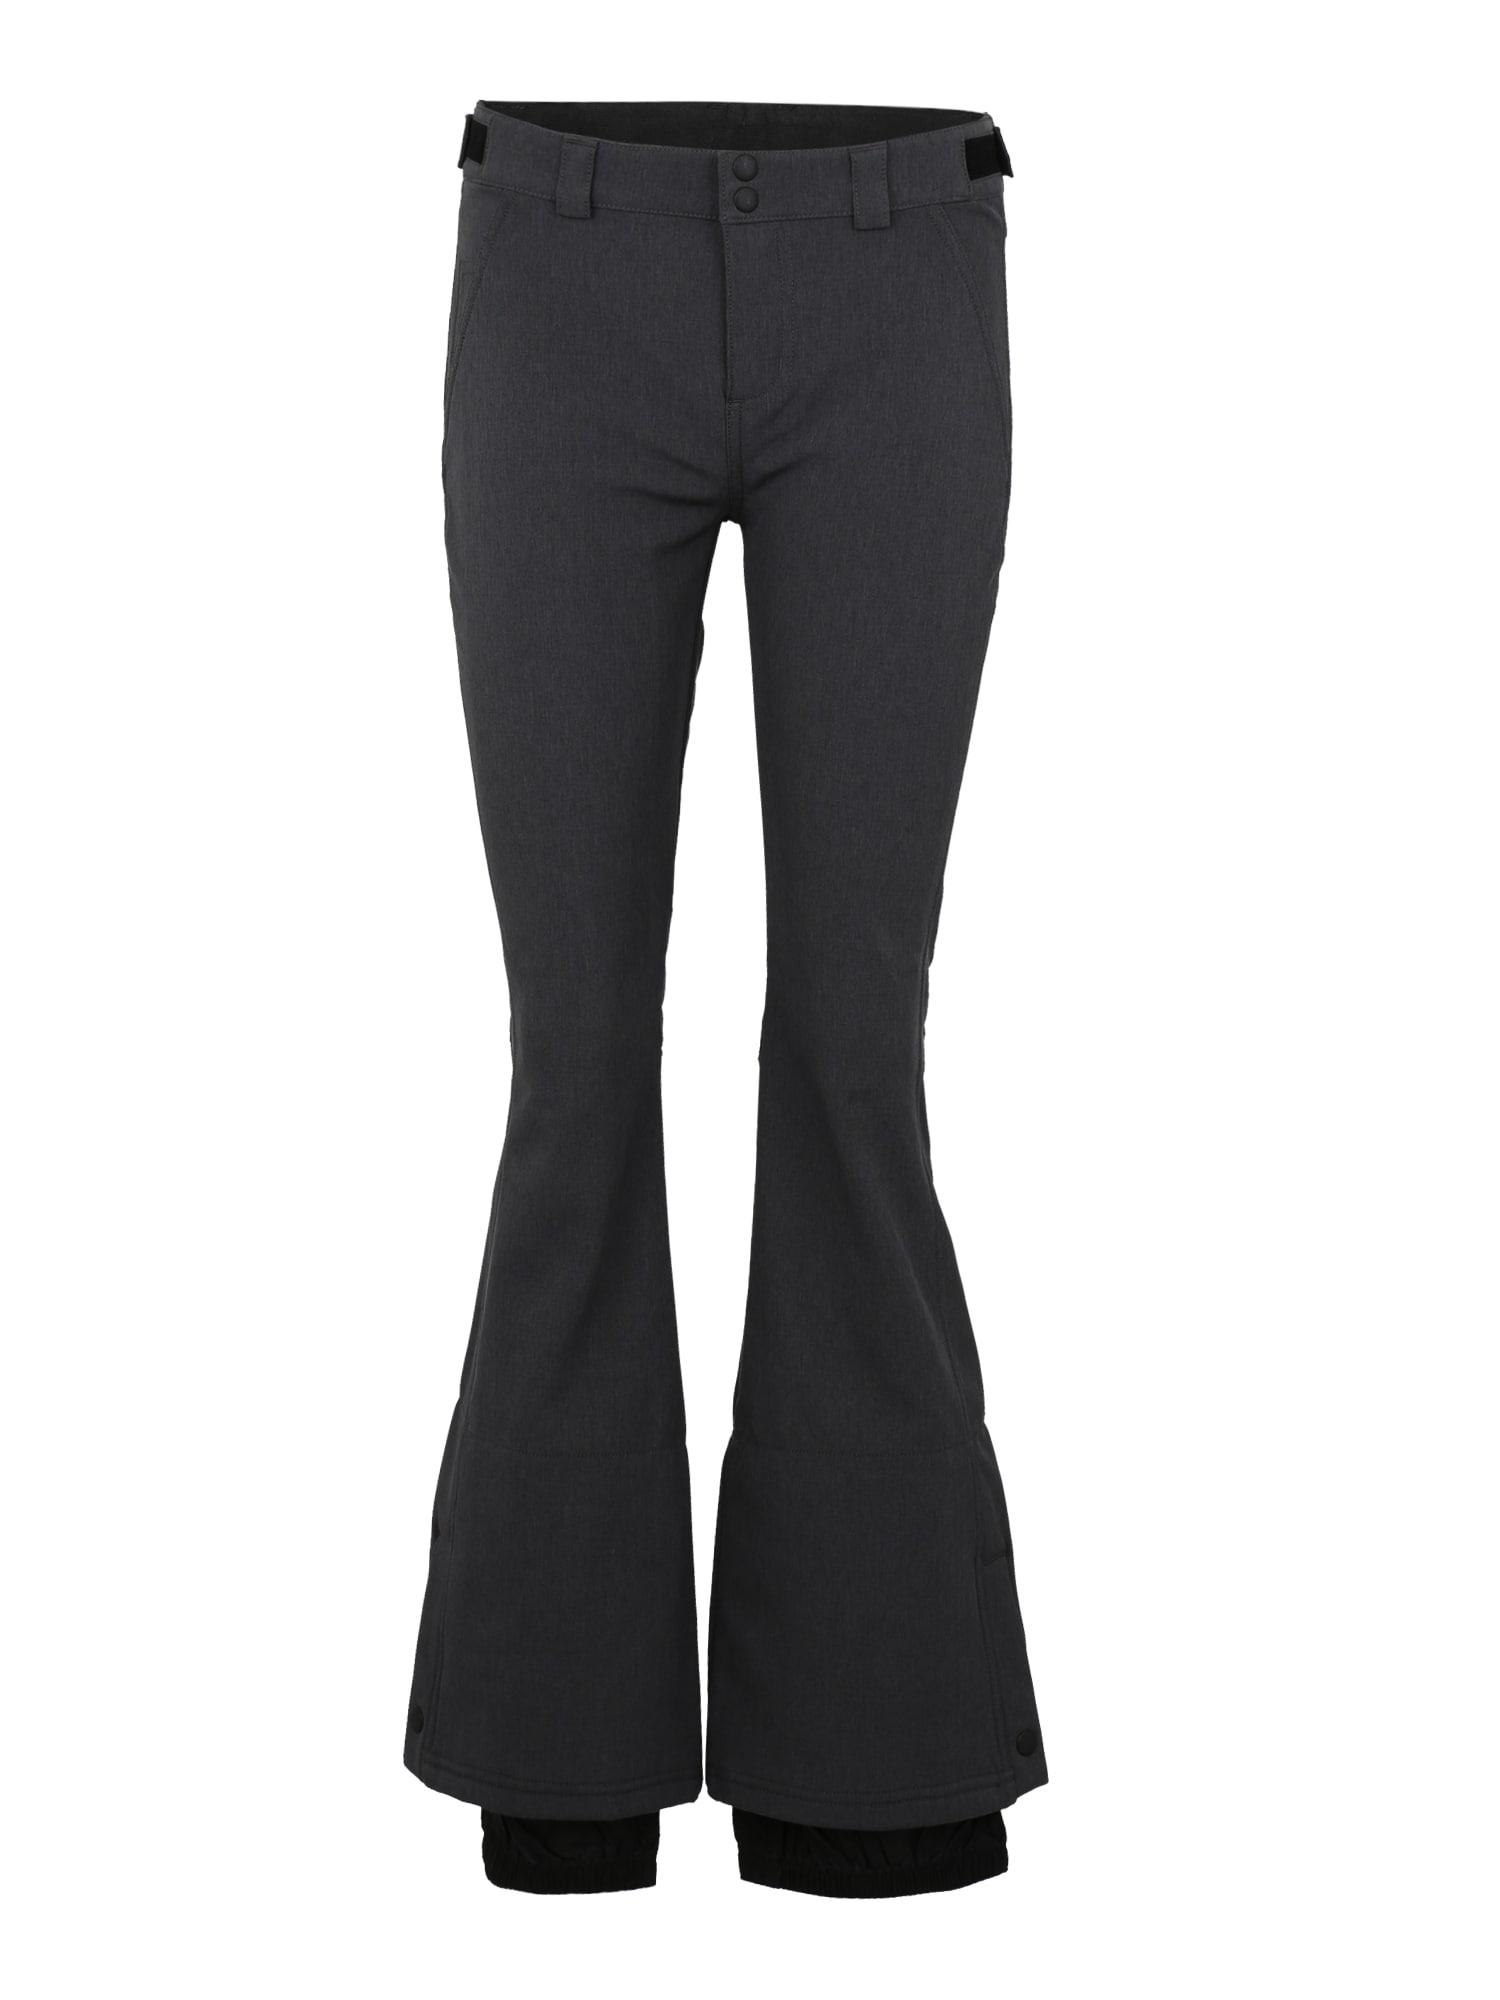 ONEILL Outdoorové kalhoty Spell tmavě šedá O'NEILL